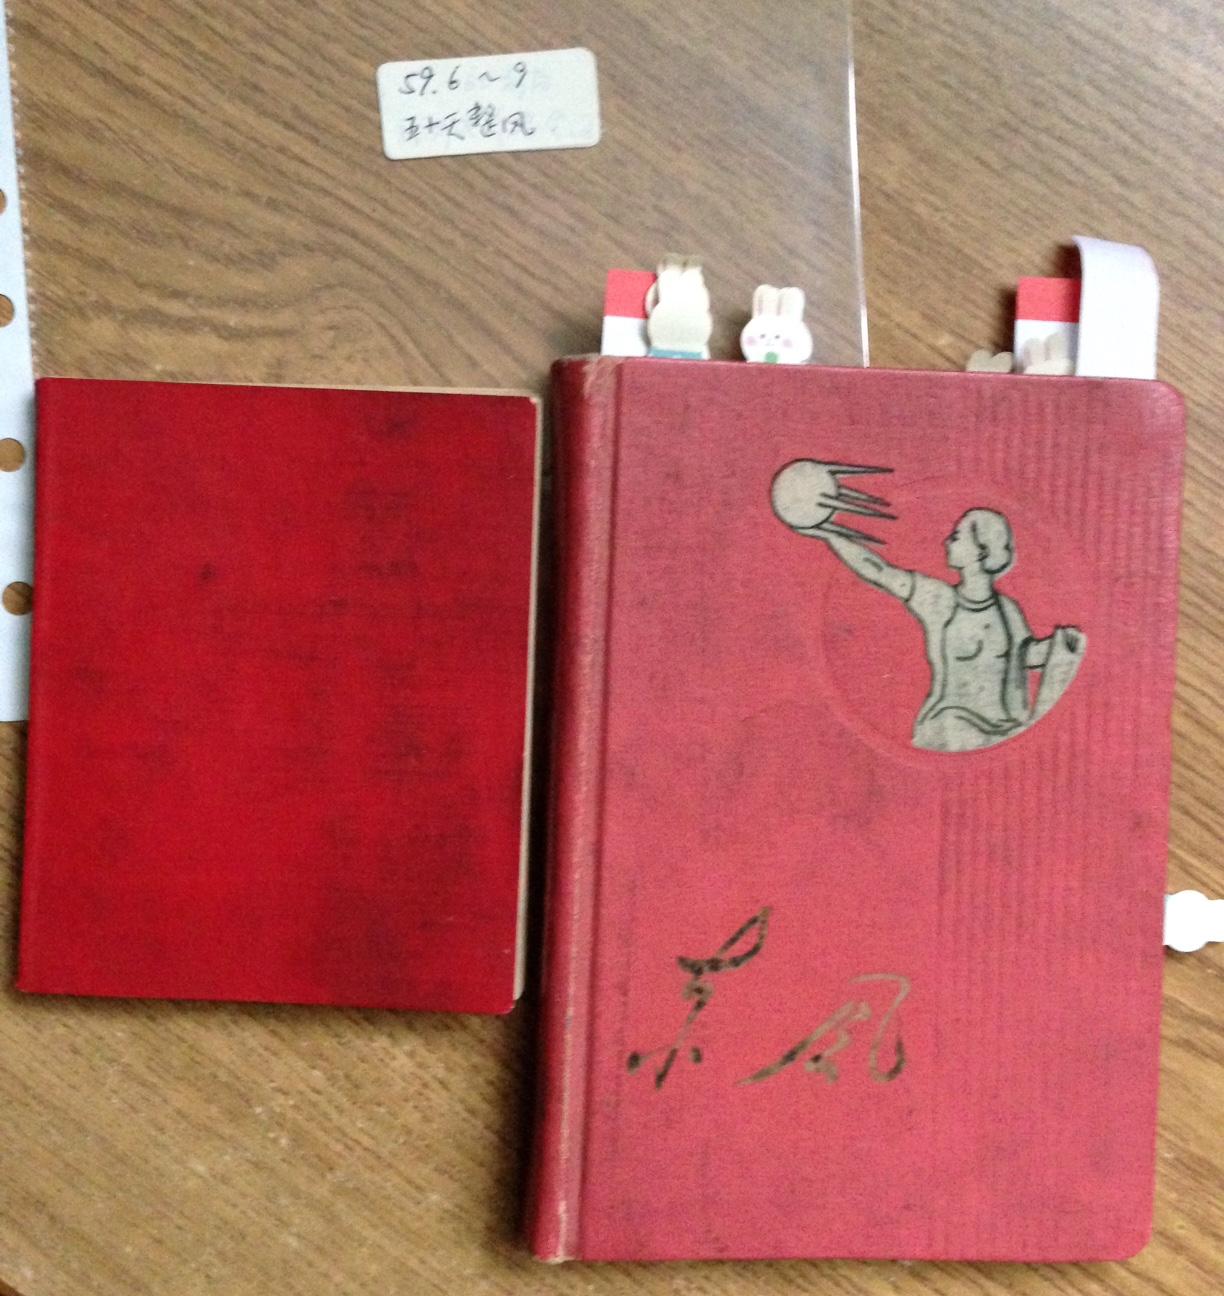 一大一小兩個紅皮筆記本,內容關於1959年中共中央召集港澳工委幹部整風、認清國際國內形勢、認清中央香港政策